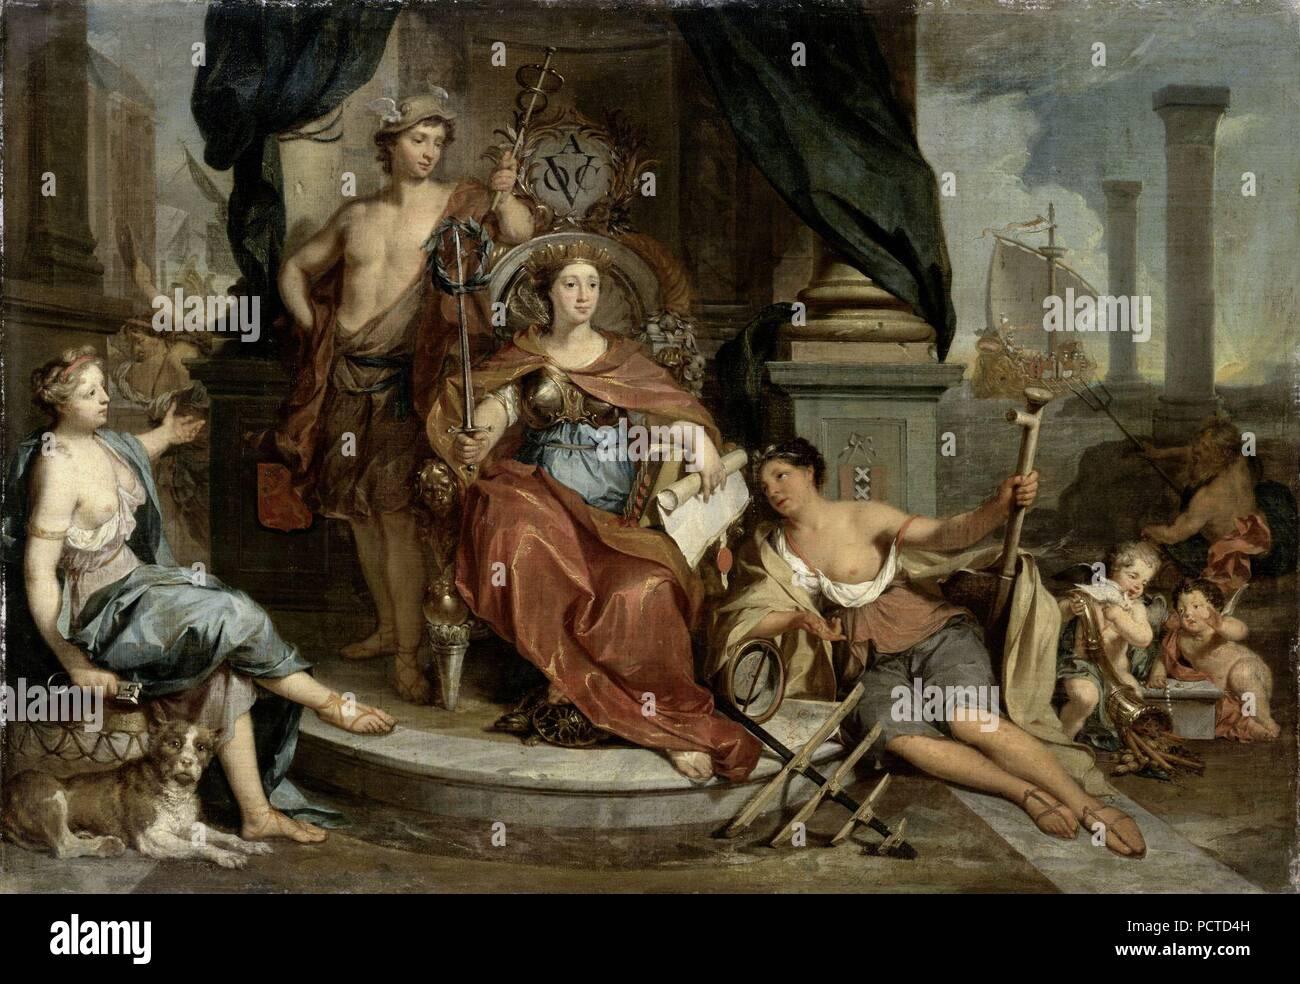 Allegorische voorstelling van de Amsterdamse Kamer van de Verenigde Oost-Indische Compagnie - Stock Image